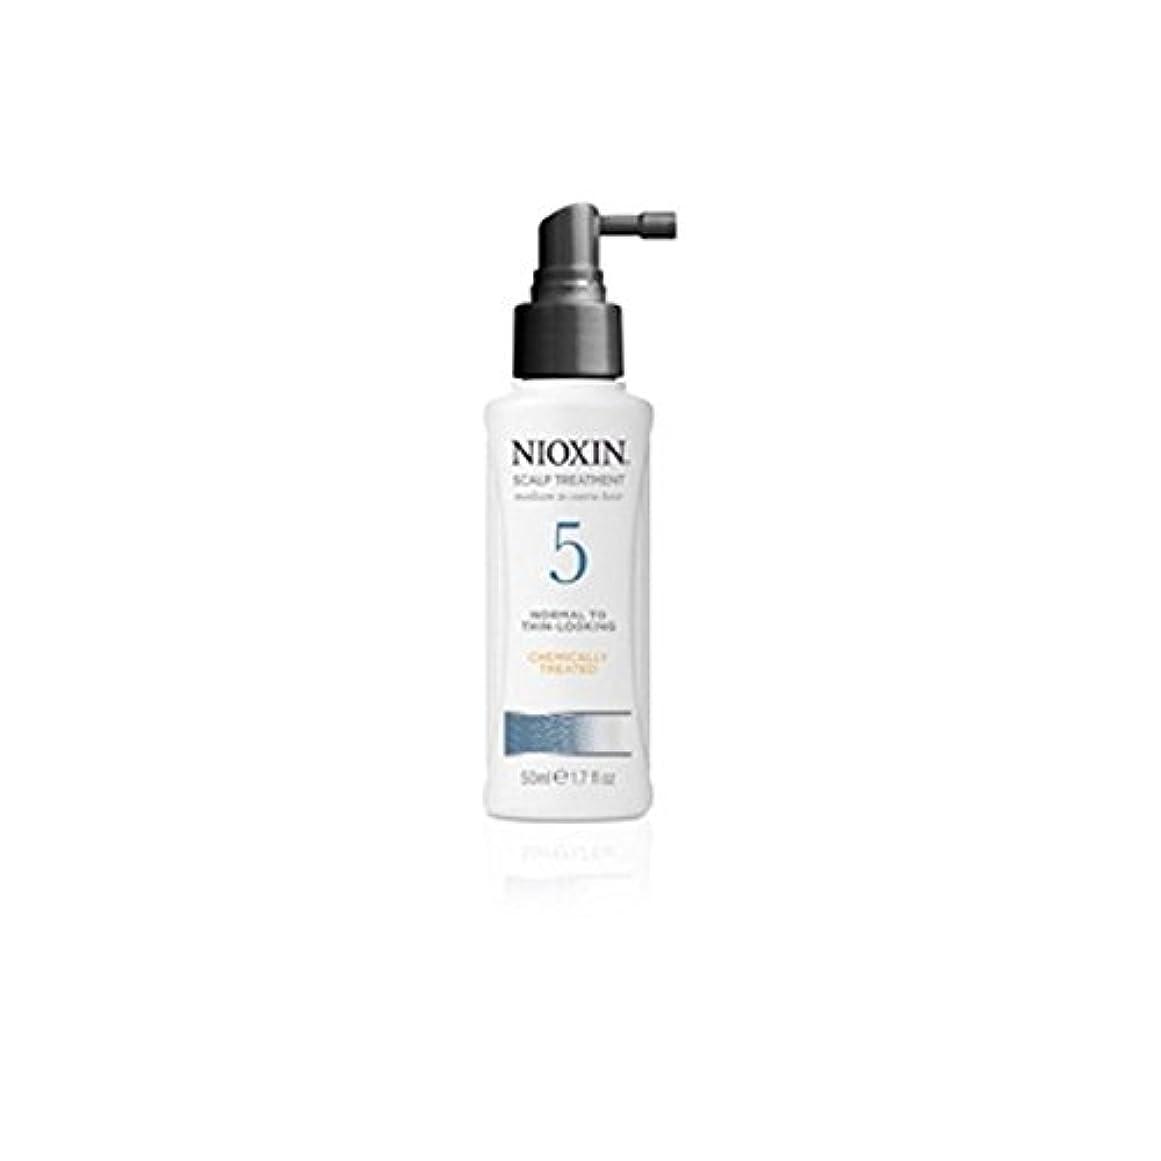 背が高いウォーターフロント労働Nioxin System 5 Scalp Treatment For Medium To Coarse, Normal To Thin Looking, Natural And Chemically Treated Hair...